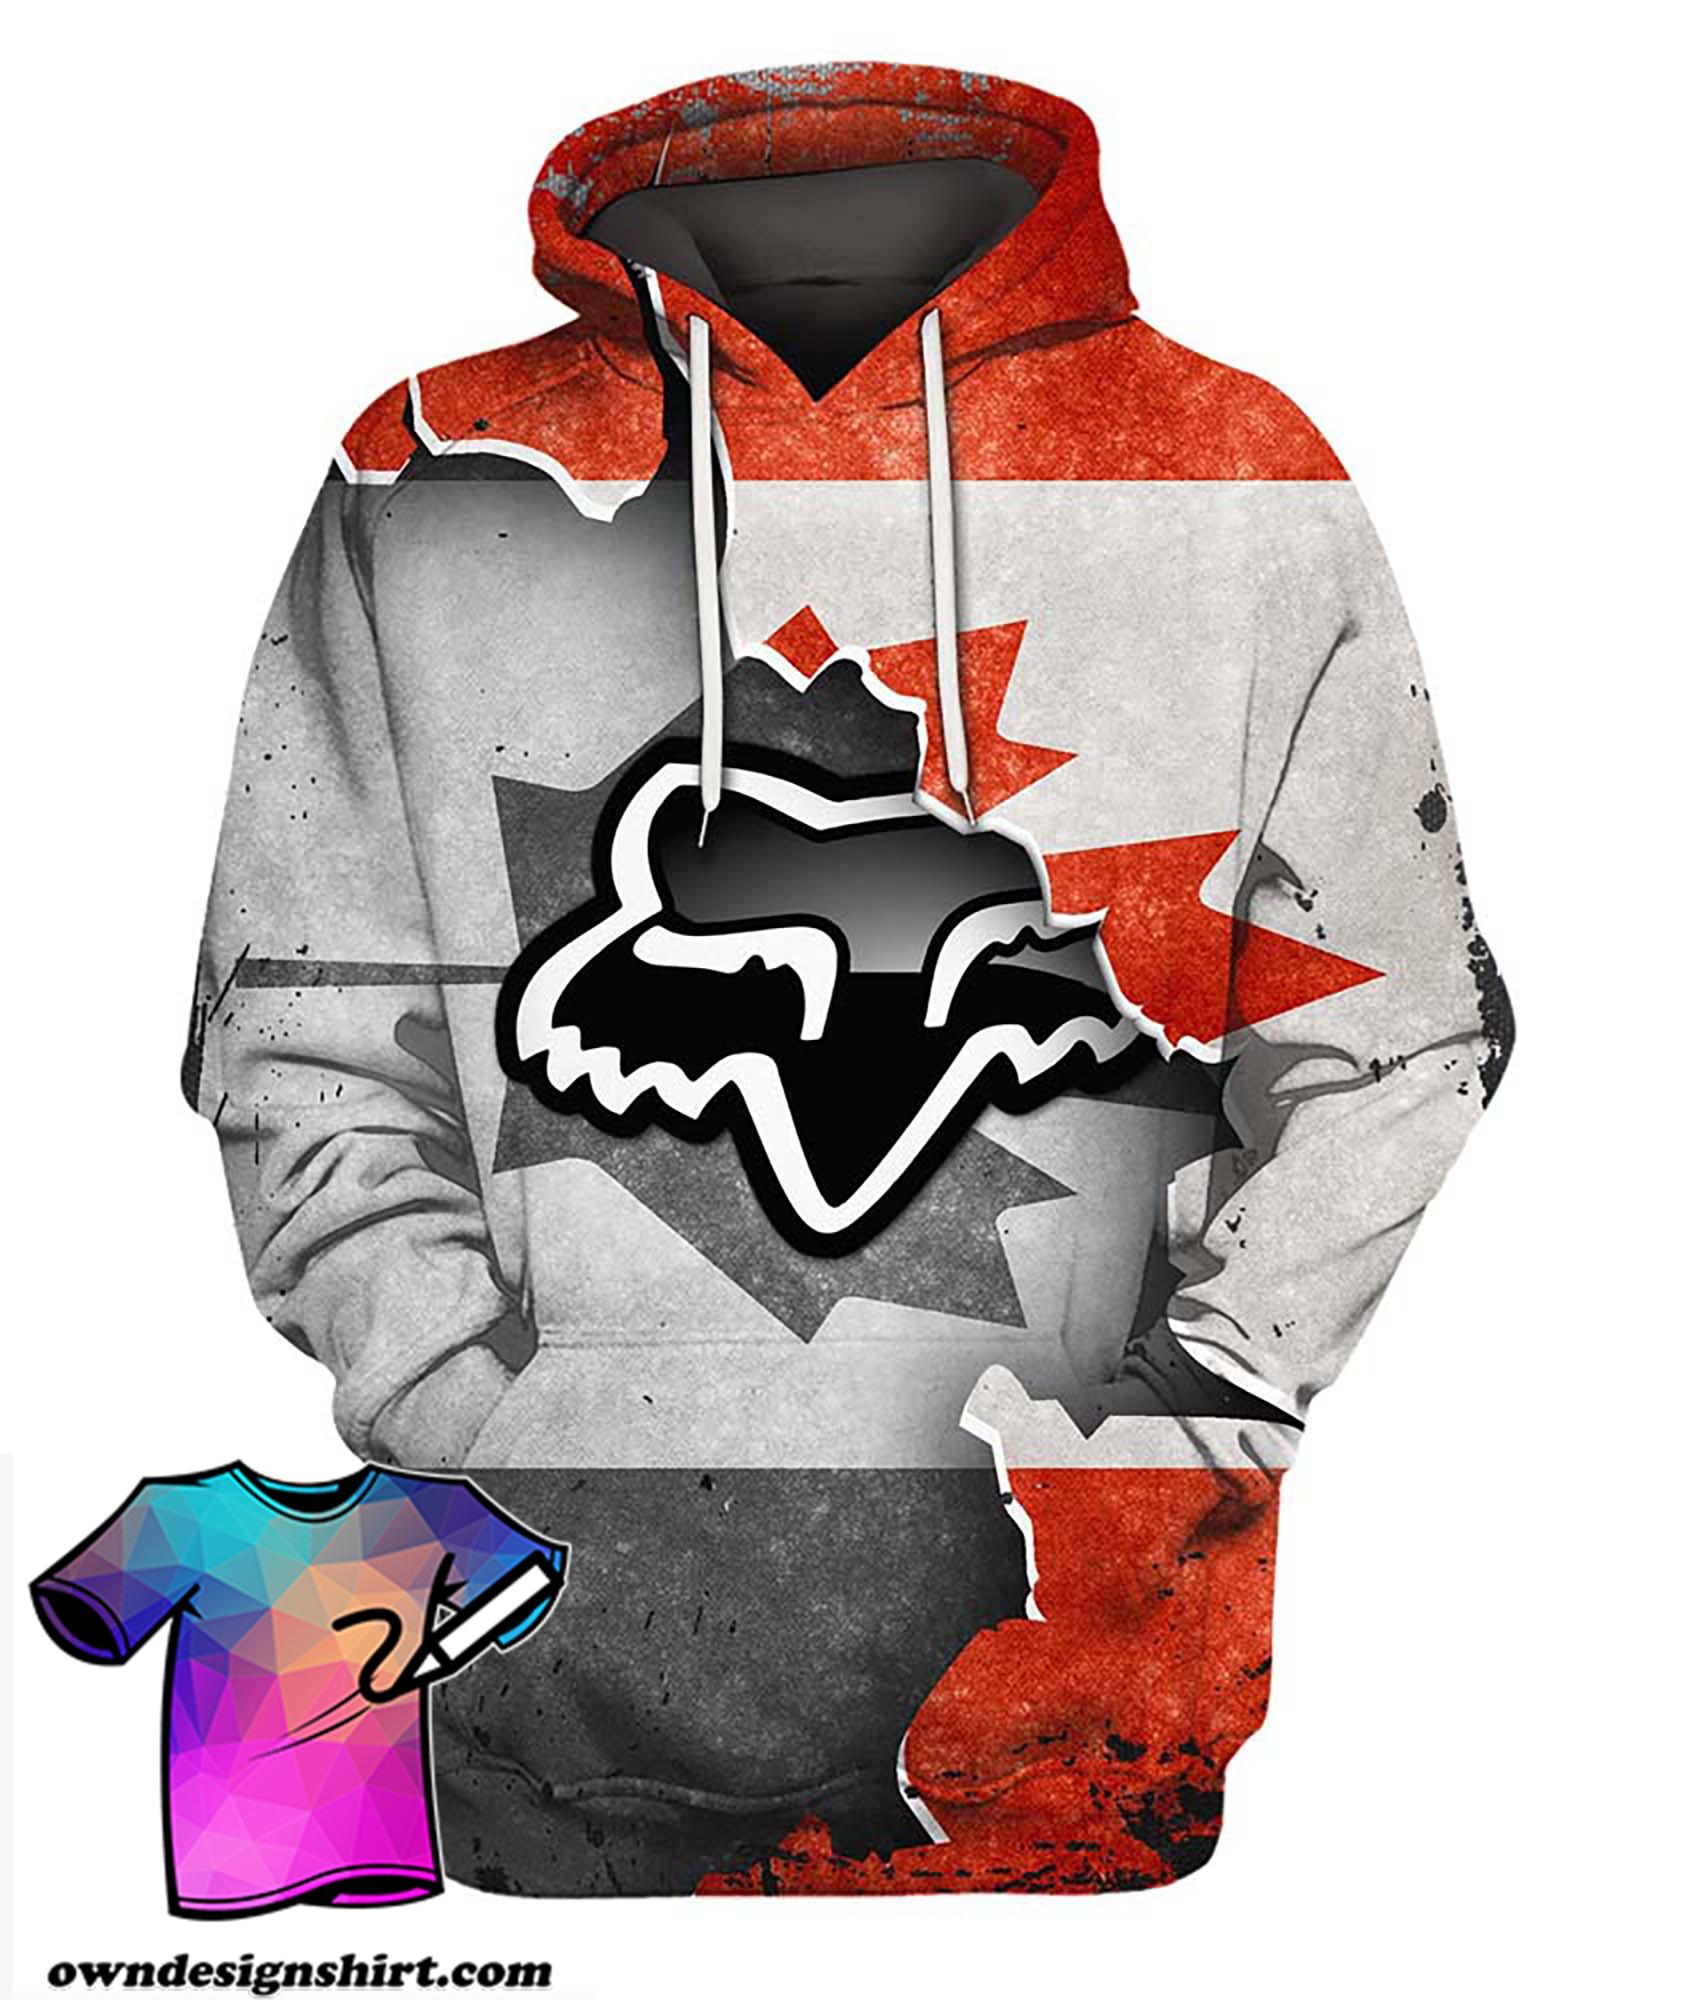 Fox racing in canada flag full printing hoodie